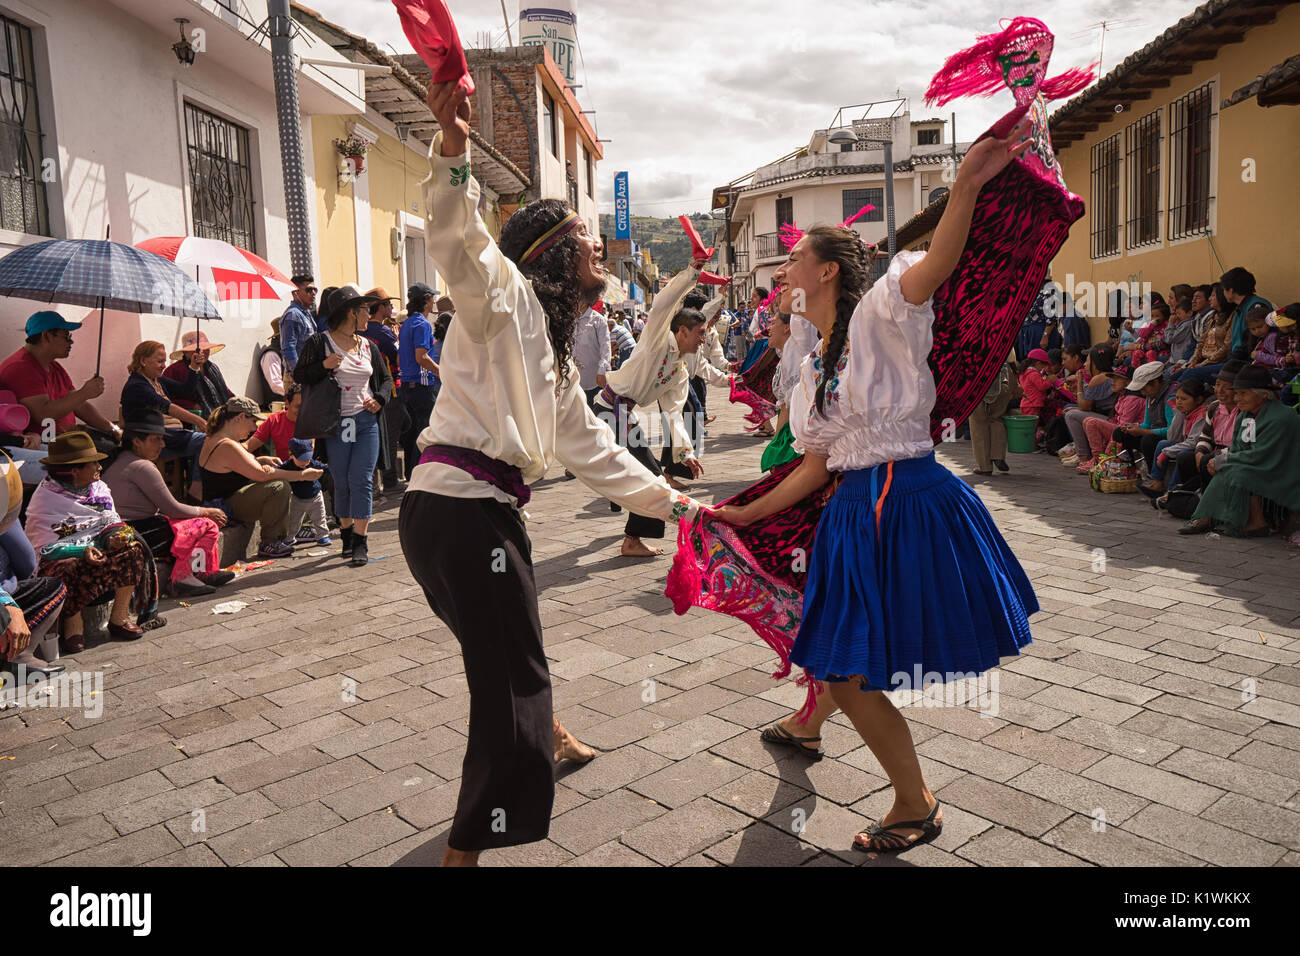 Giugno 17, 2017 Pujili, Ecuador: street ballerini eseguono in abiti tradizionali durante la festa del Corpus Christi Immagini Stock